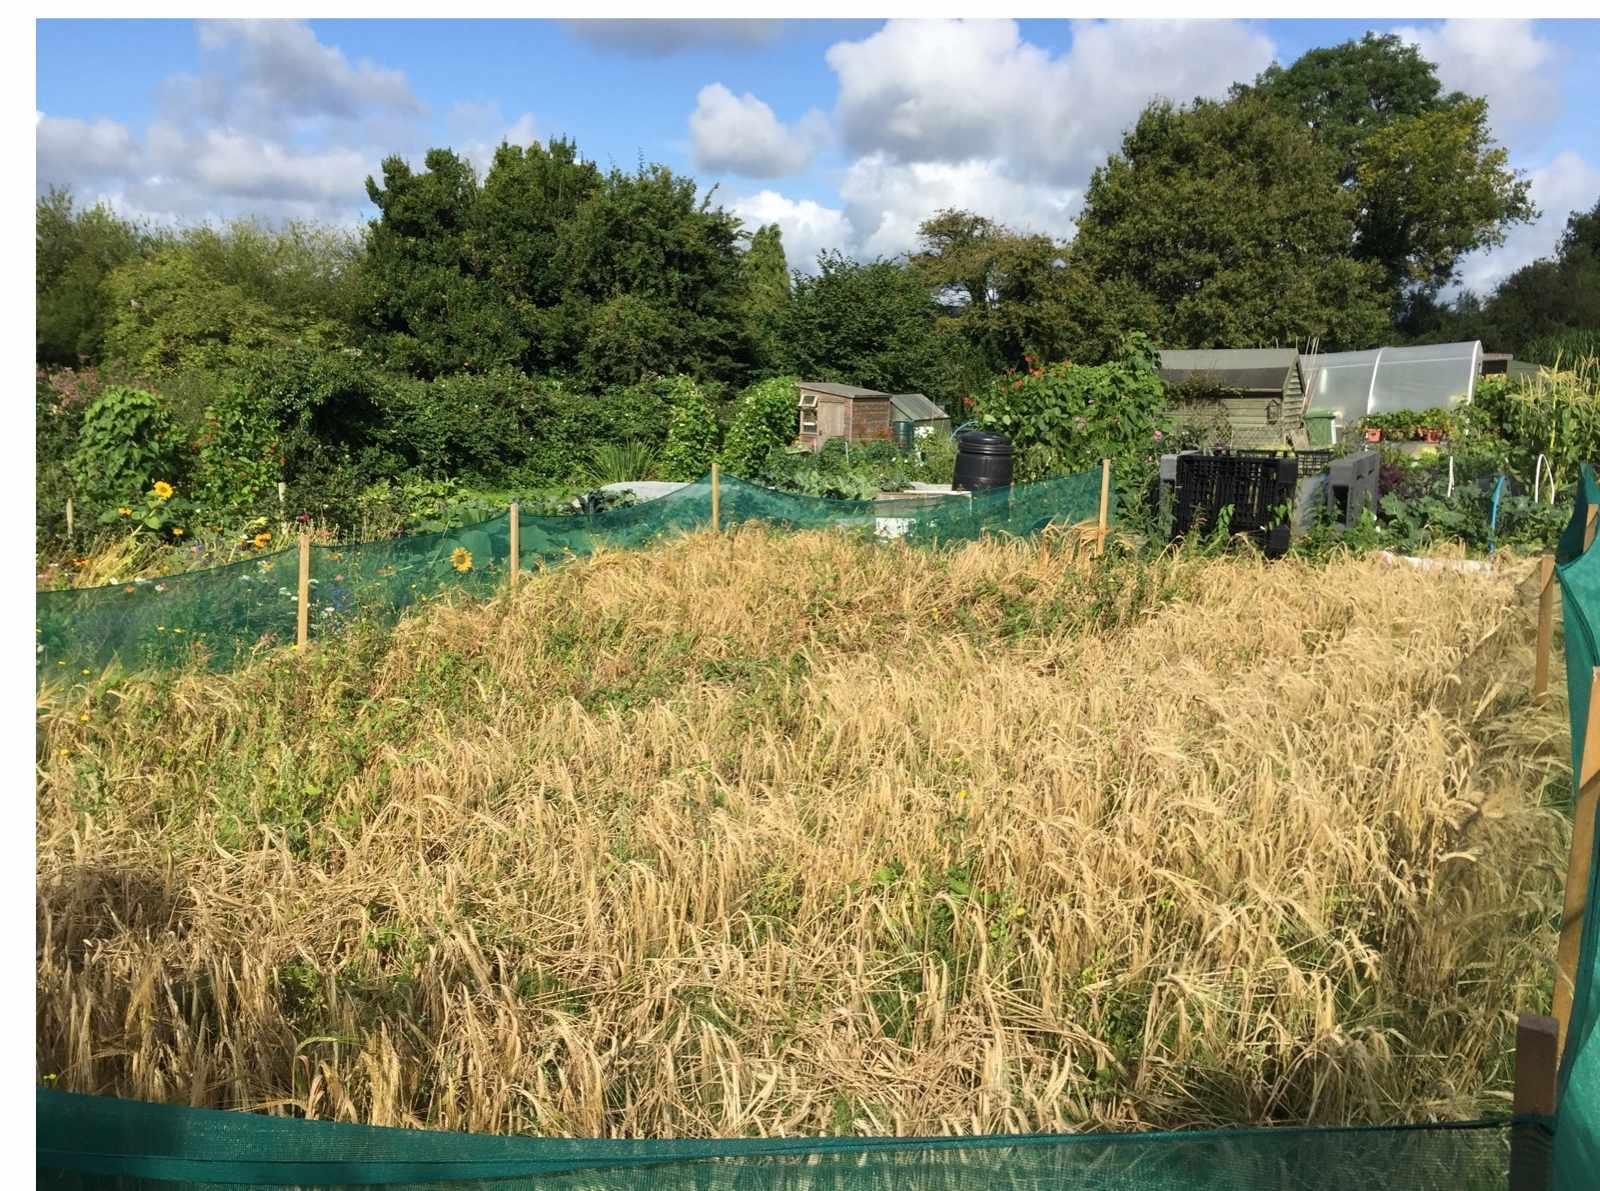 Barley-11-3d6f804